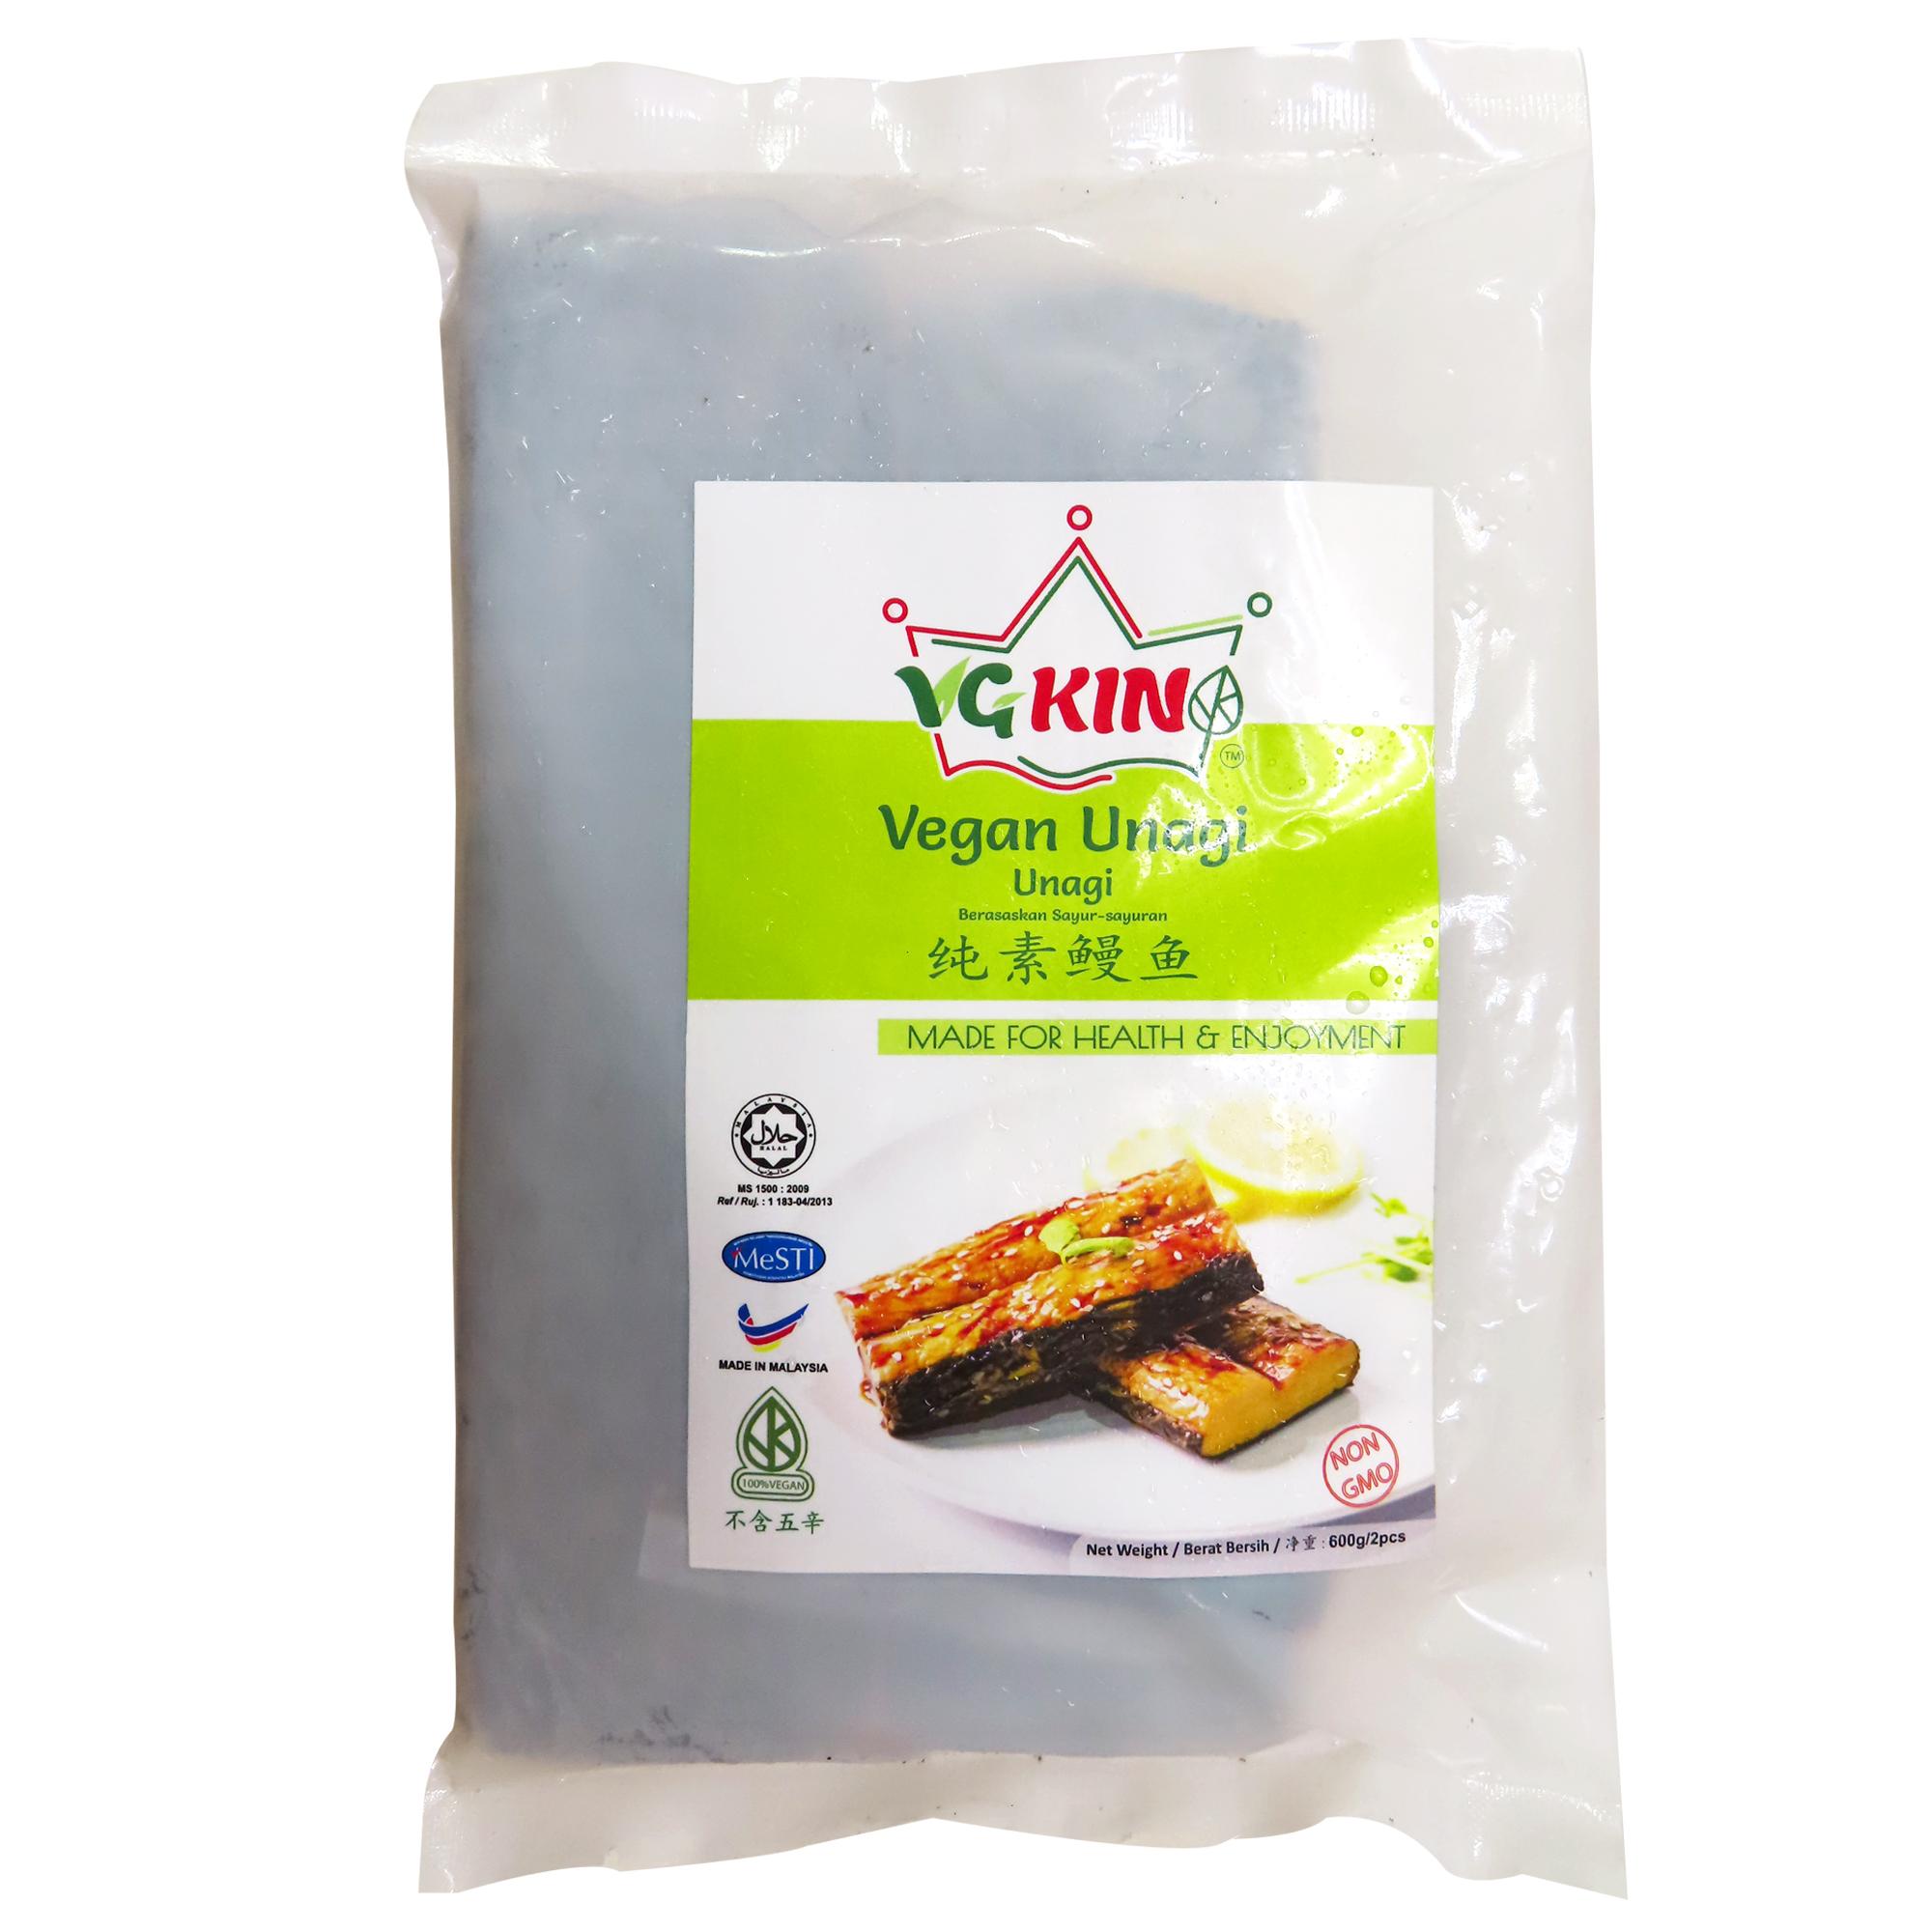 Image VGKing Vegan Unagi 纯素鳗鱼 600grams